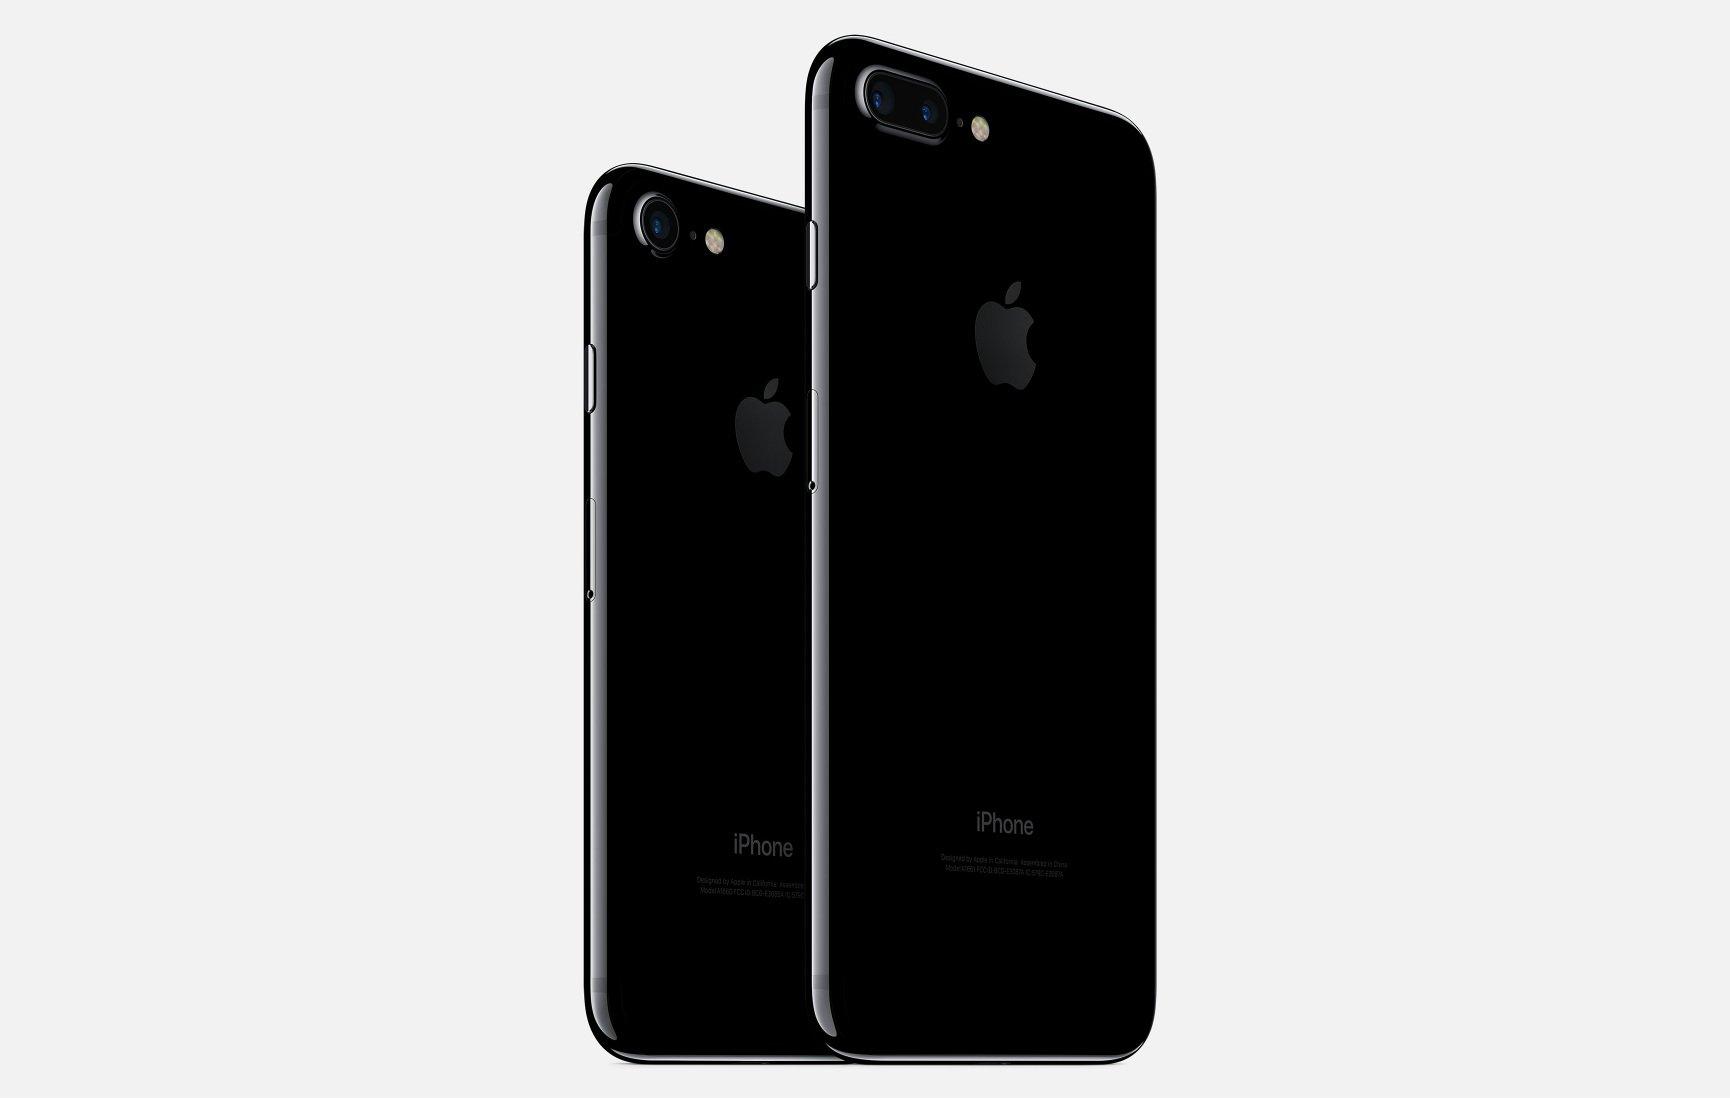 iphone 7 7 plus noir jet - Keynote : Apple dévoile les iPhone 7 et iPhone 7 Plus